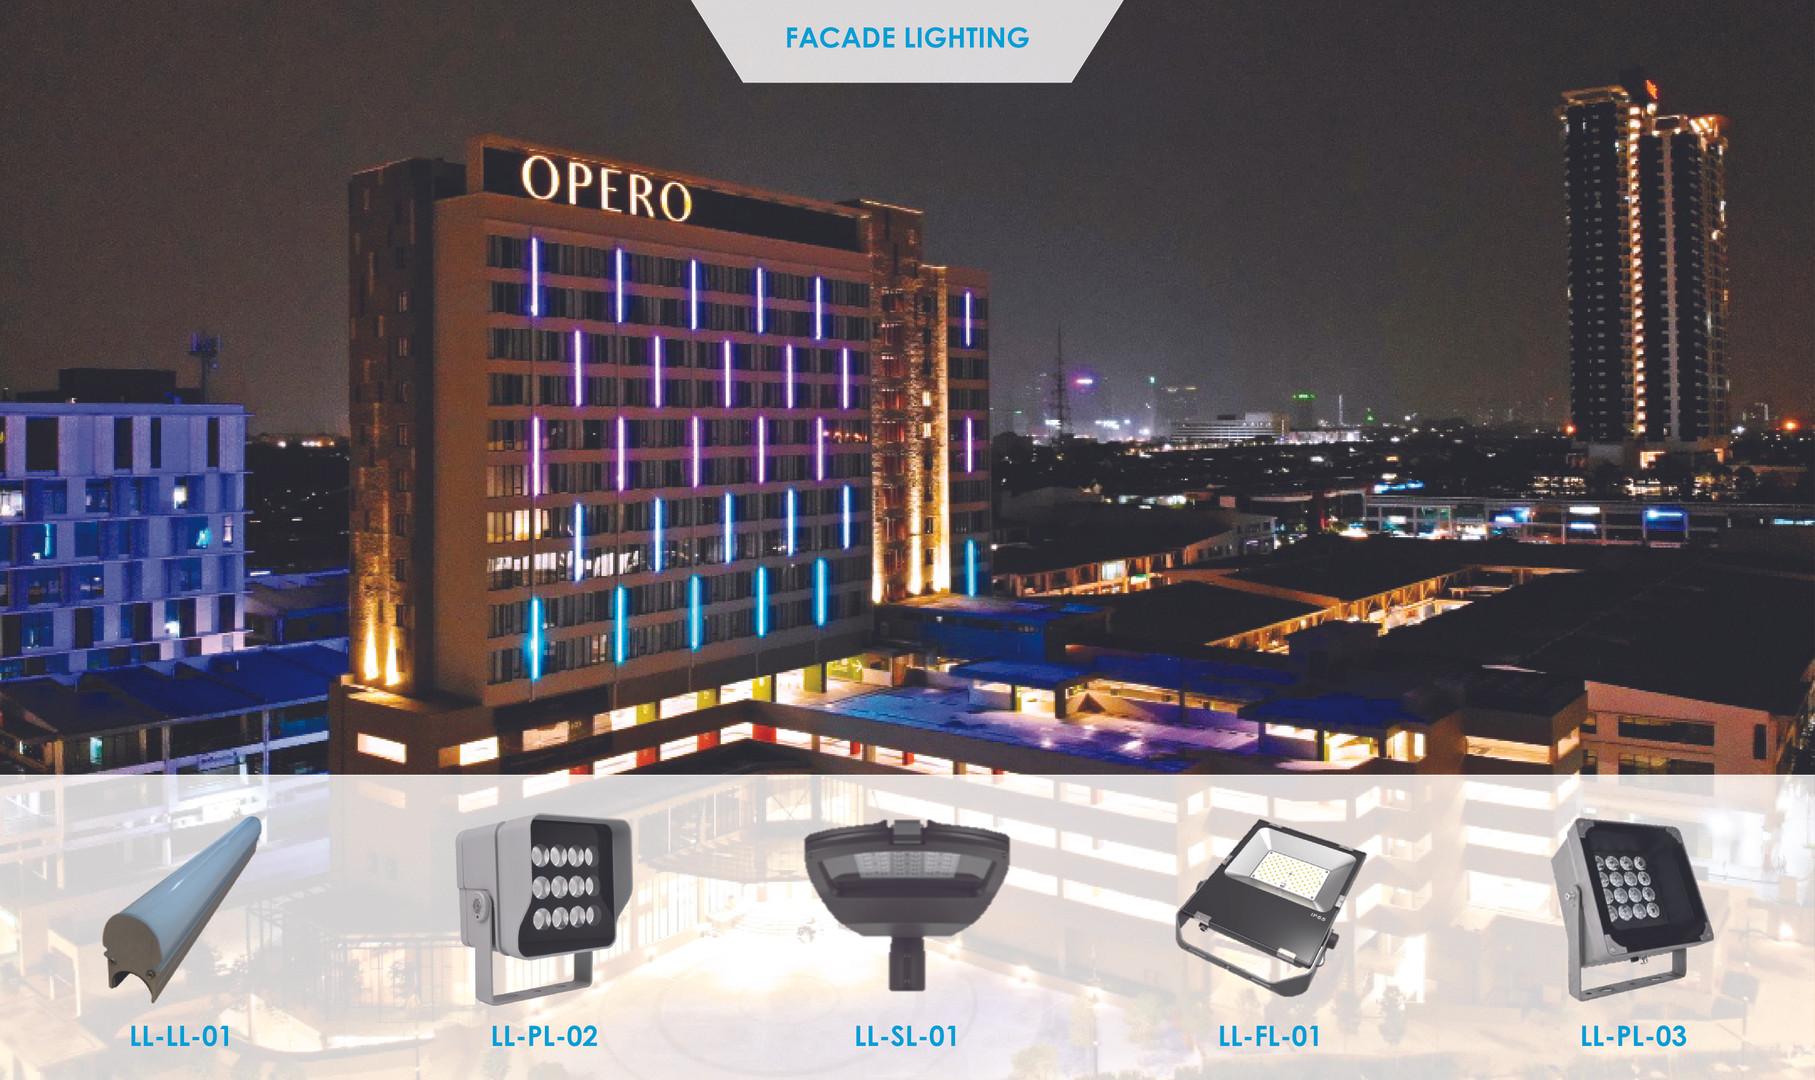 Opero Hotel Facade Lighting